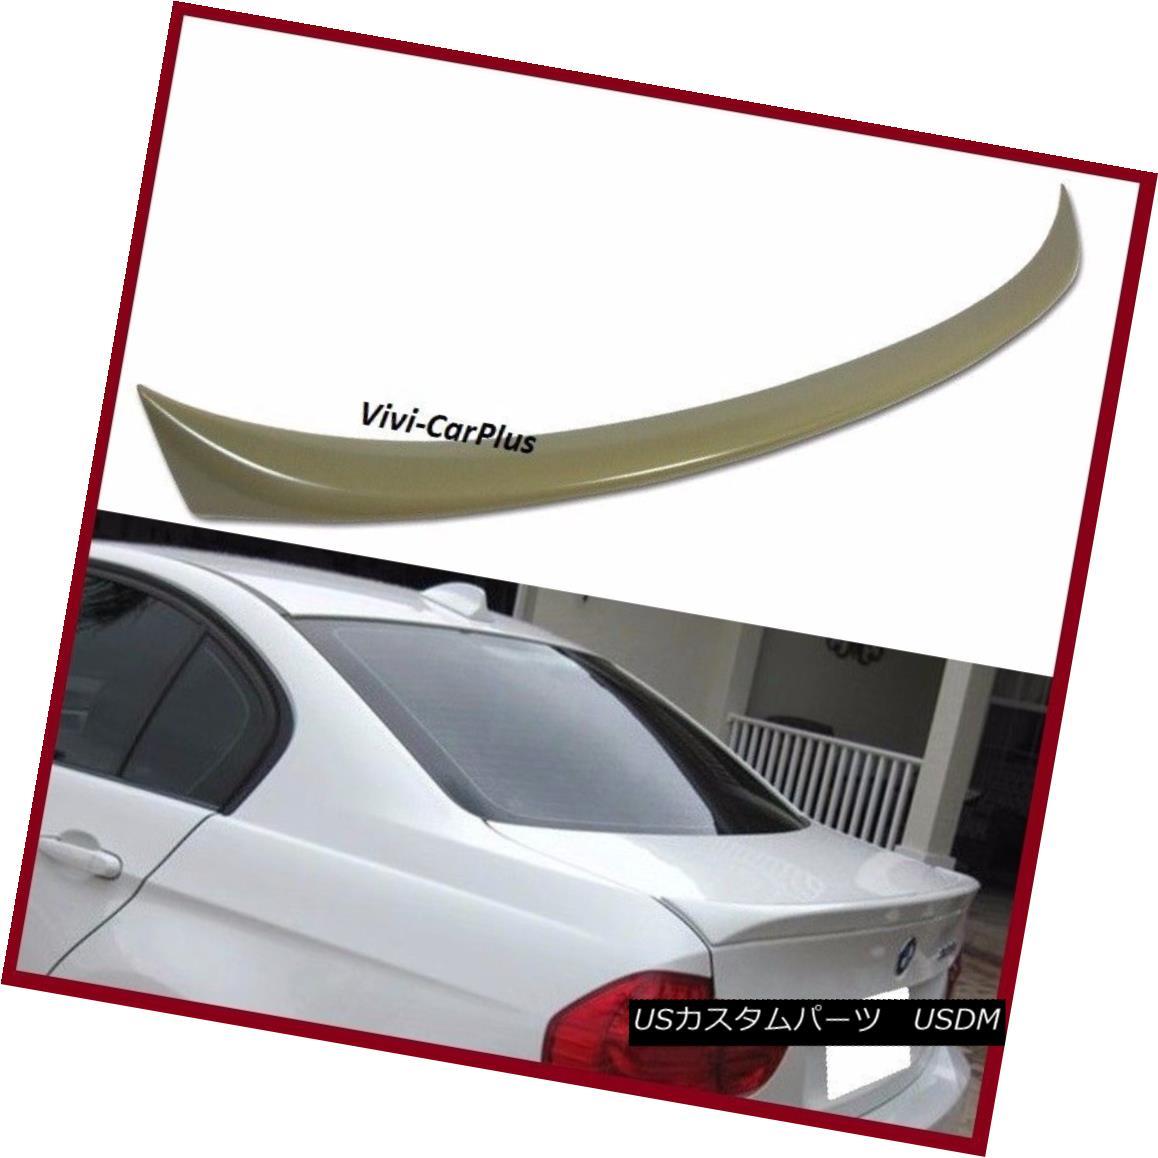 エアロパーツ UNPAINTED 2006-11 BMW E90 3 Series Sedan 323i 330i 335i M3 OE Trunk Spoiler Wing UNPAINTED 2006-11 BMW E90 3シリーズセダン323i 330i 335i M3 OEトランク・スポイラー・ウイング